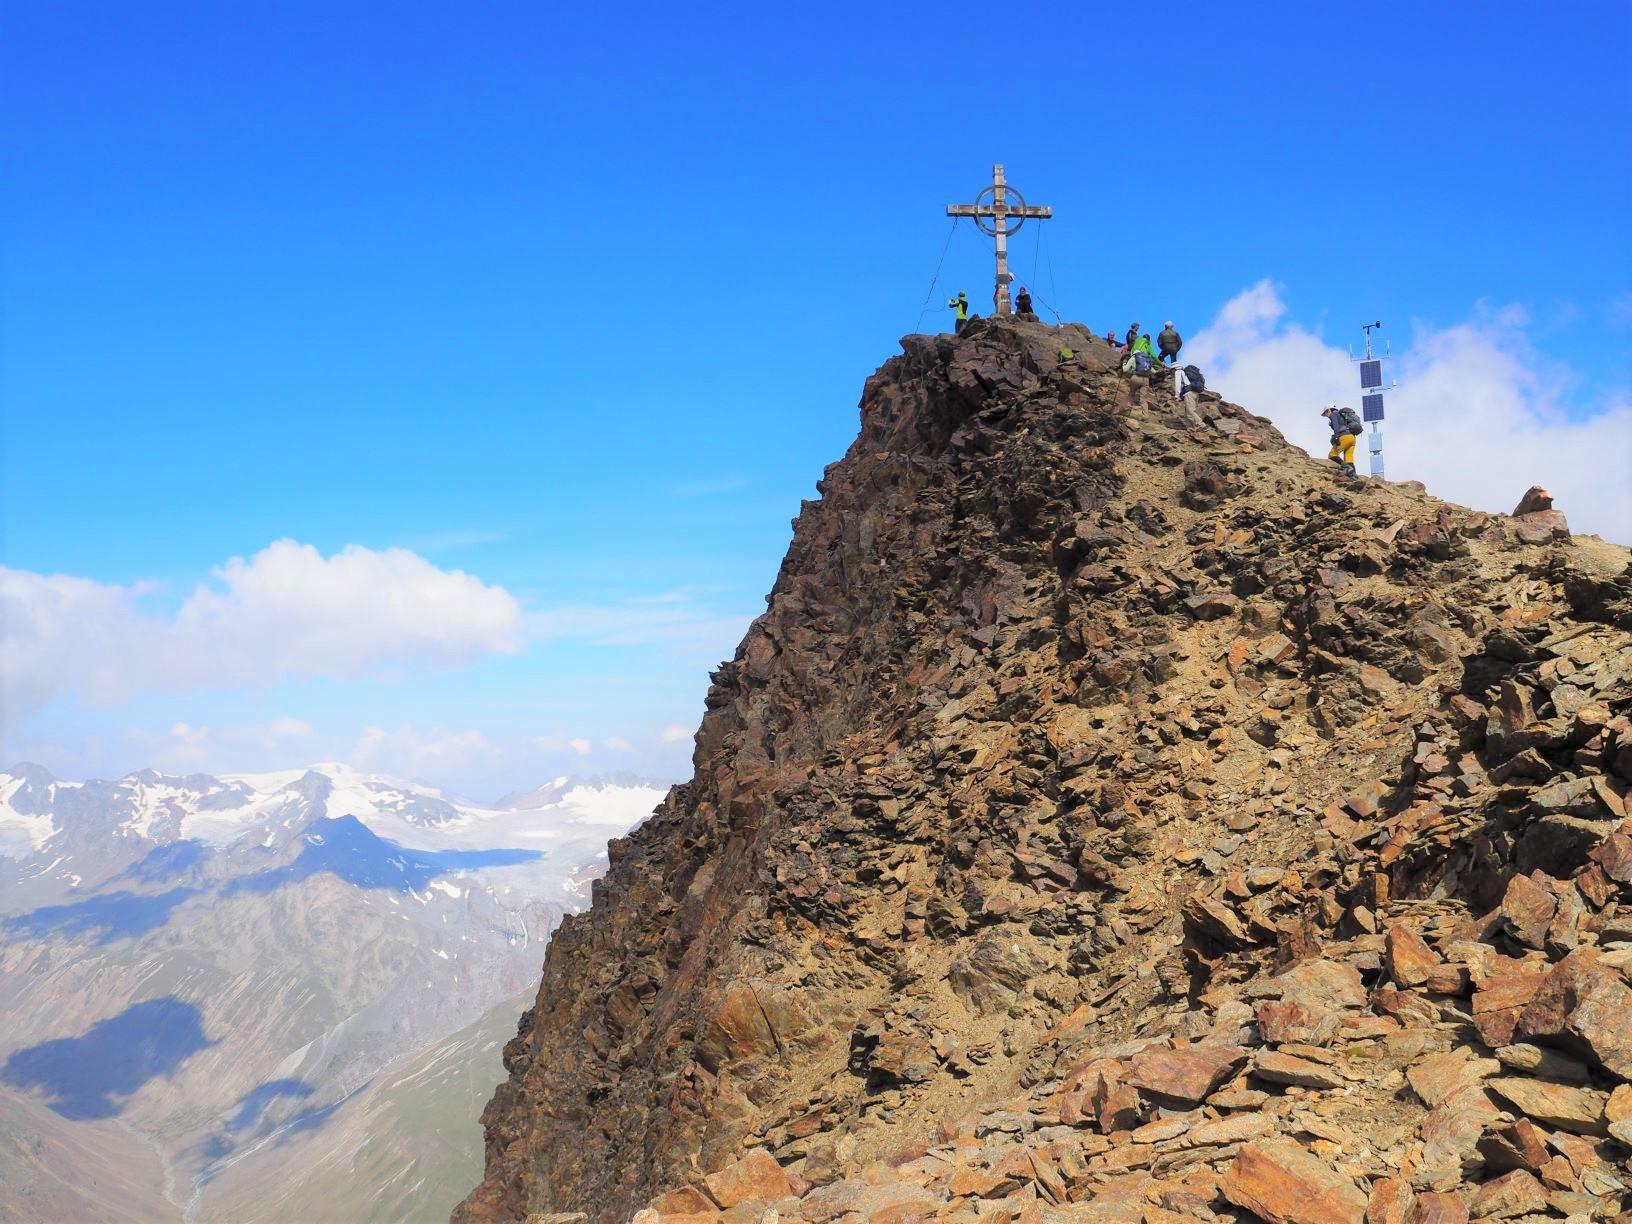 チロル、ドロミテ満喫ハイキングと名峰2座登頂 10日間